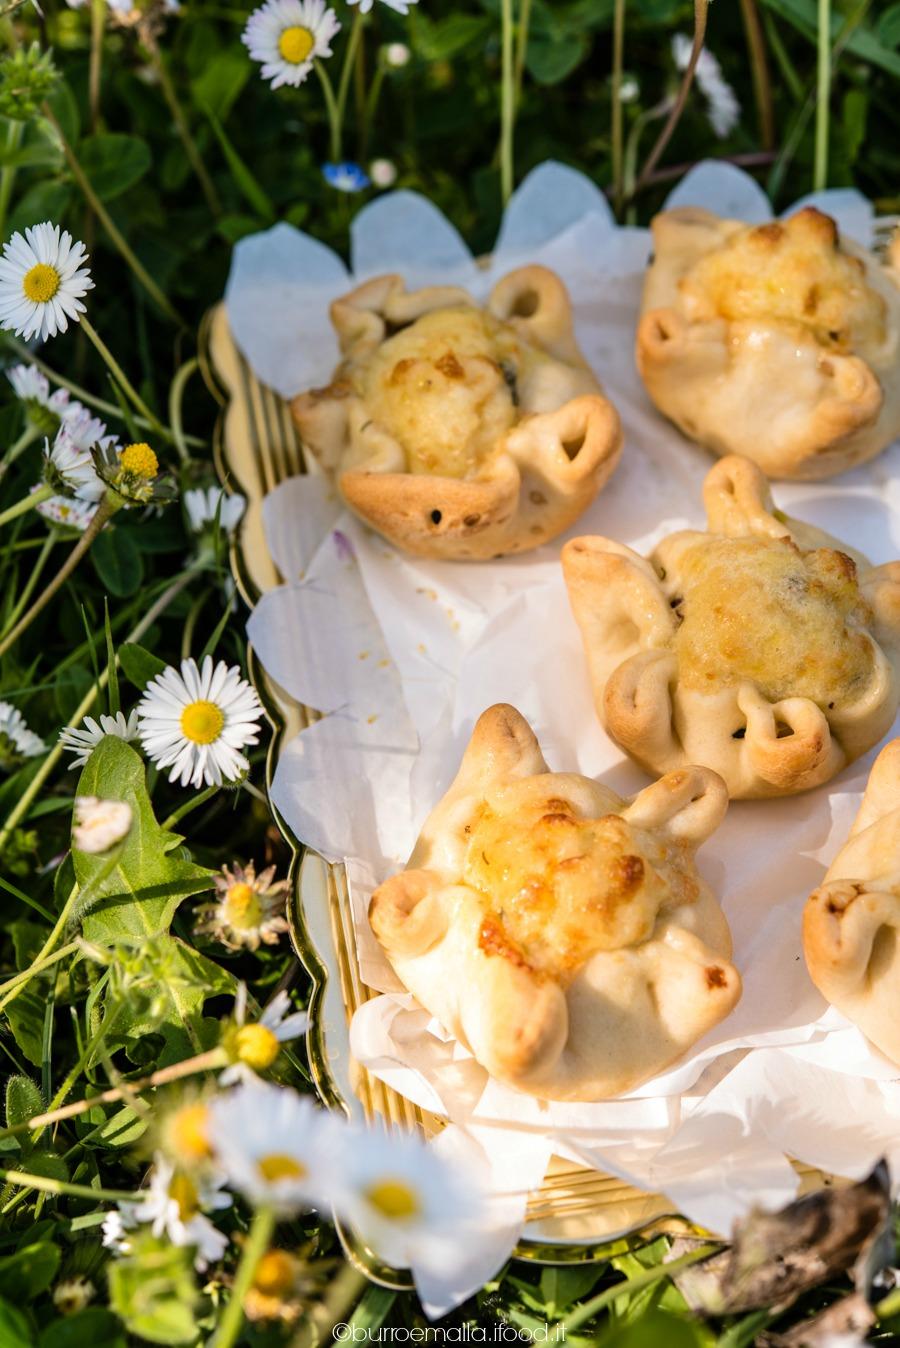 Panini della tradizione pasquale cipriota ripieni di goloso formaggio e uvette